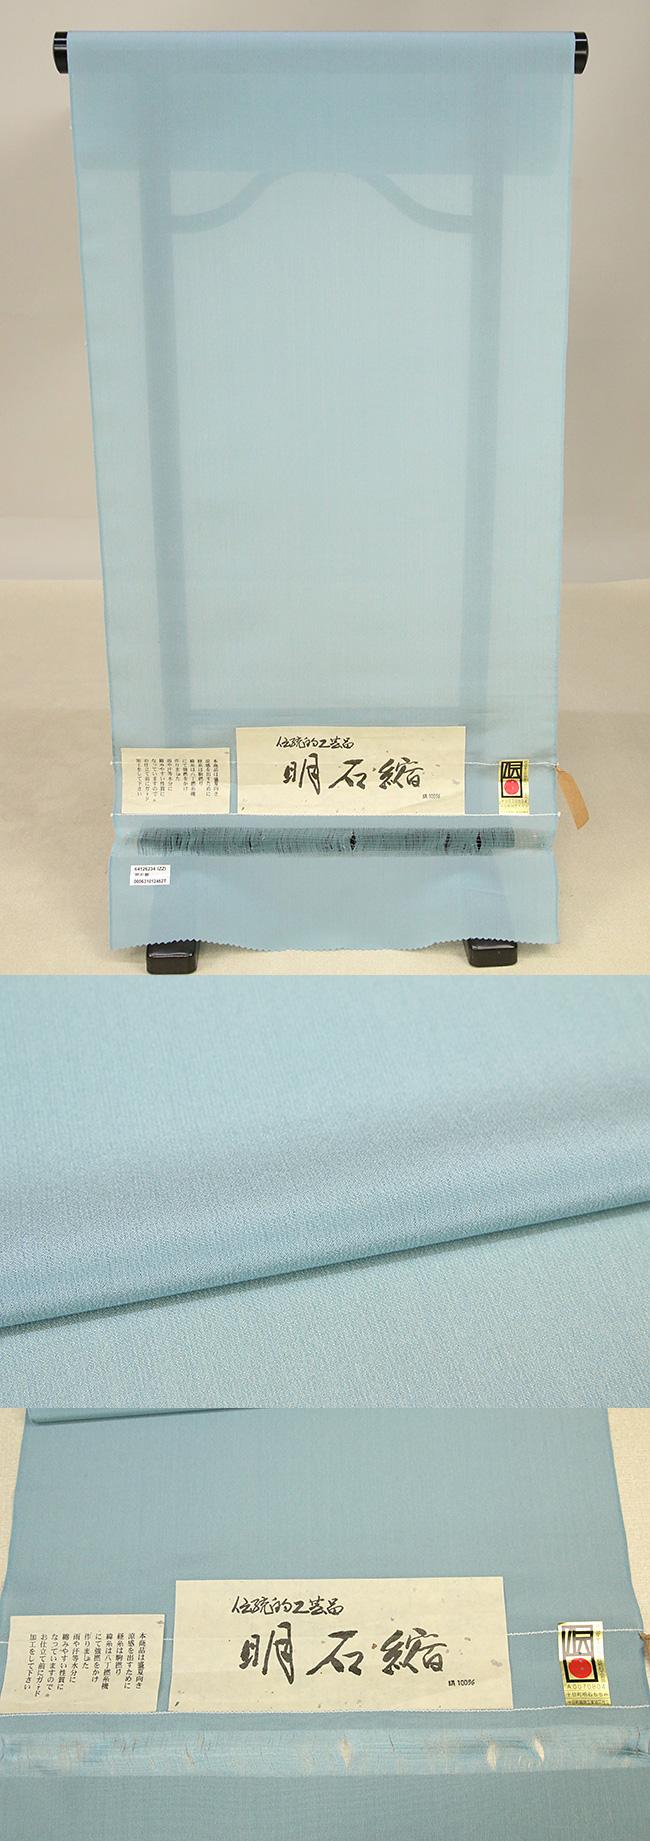 96akasi0202